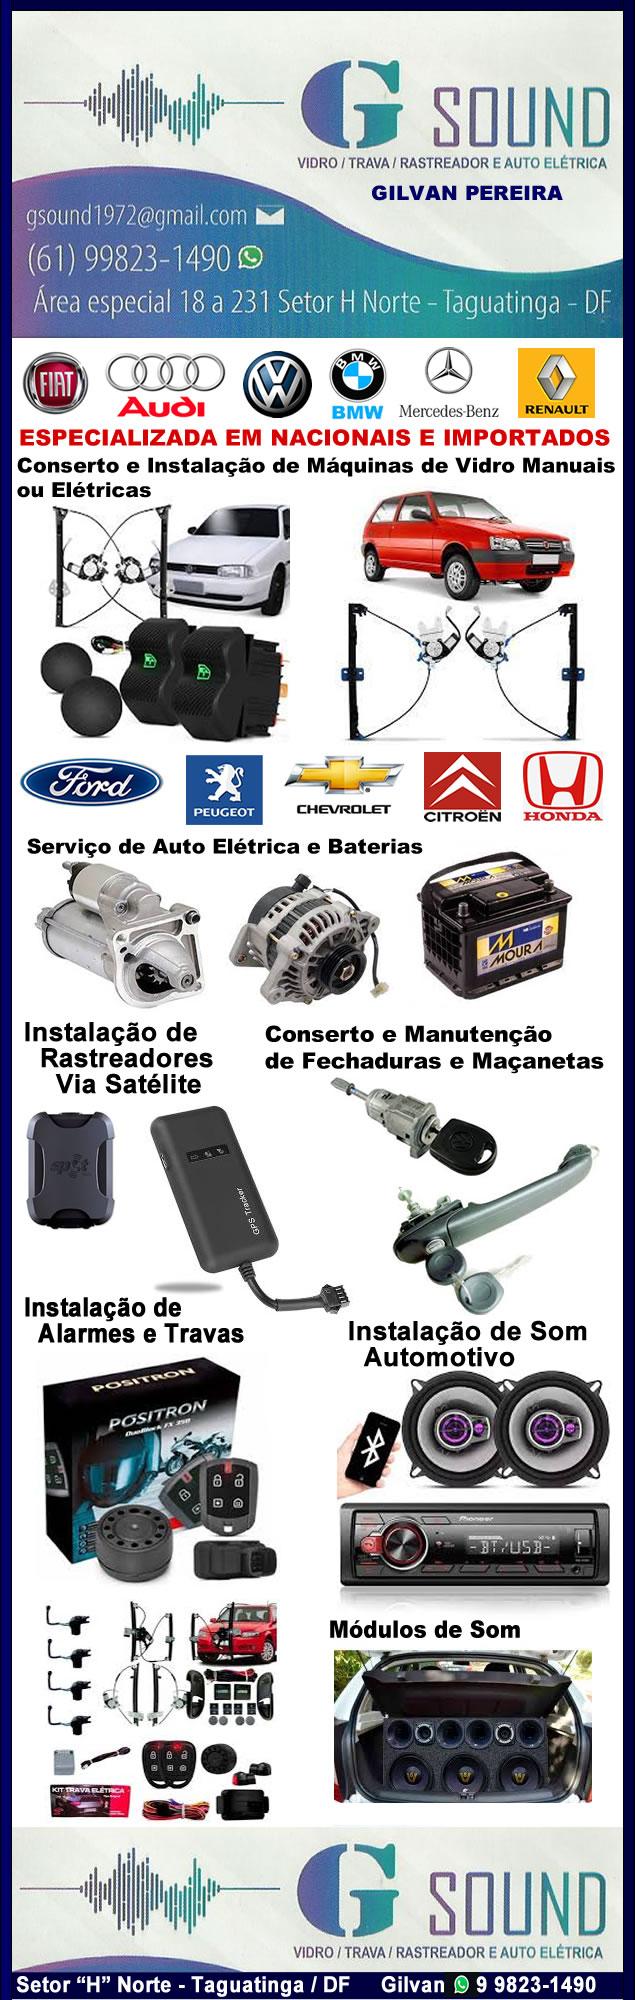 Base_GSound G Sound _ Conserto e Instalação de Vidros Elétricos e Travas